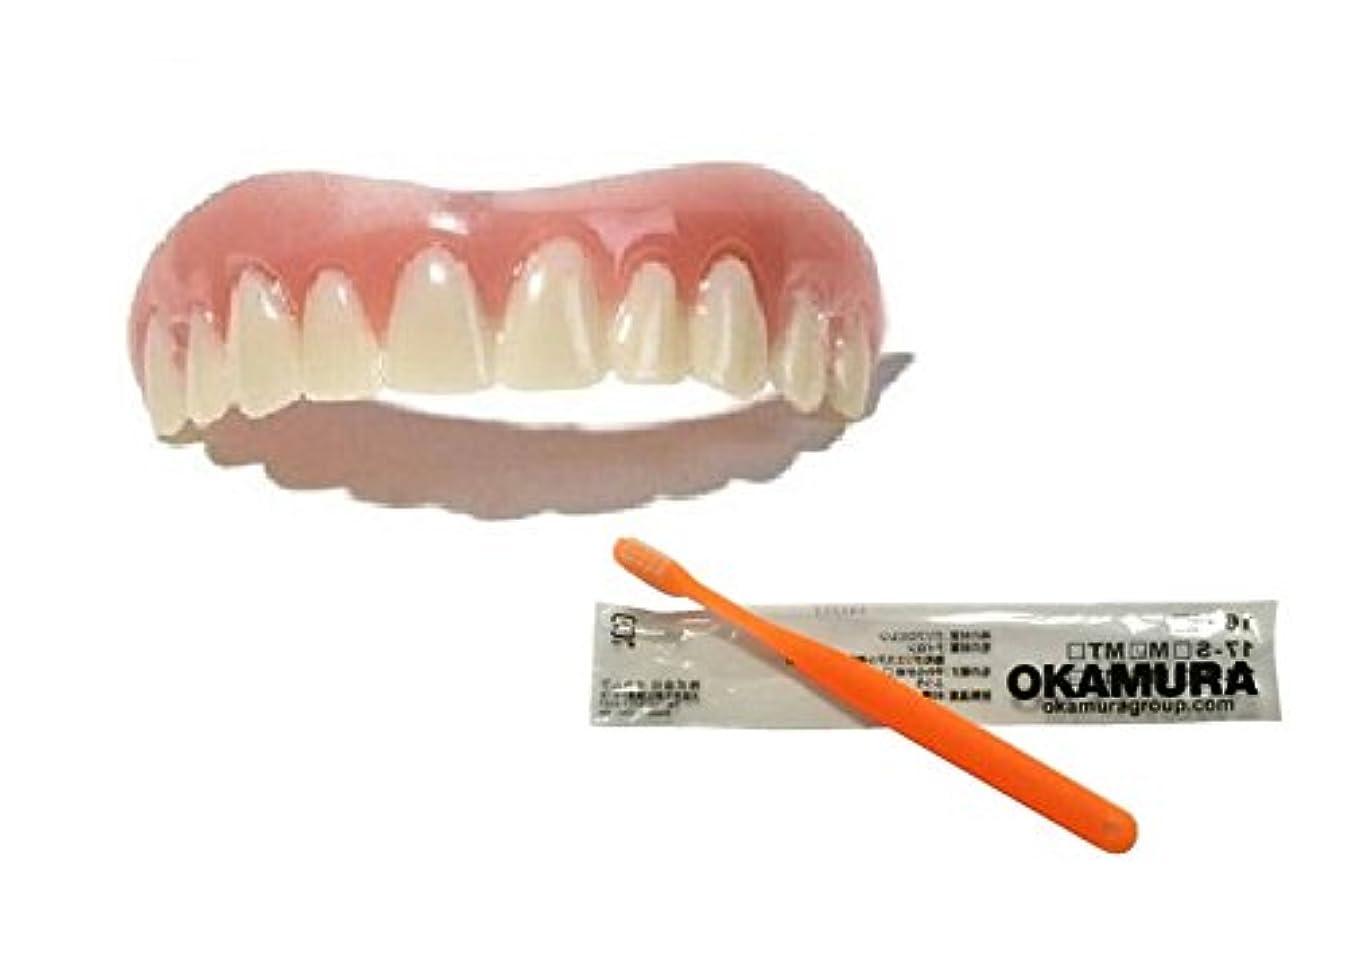 ポータル主人別にインスタントスマイル 上歯用 Sサイズ + OKAMURA 歯科医推奨歯ブラシ 限定セット